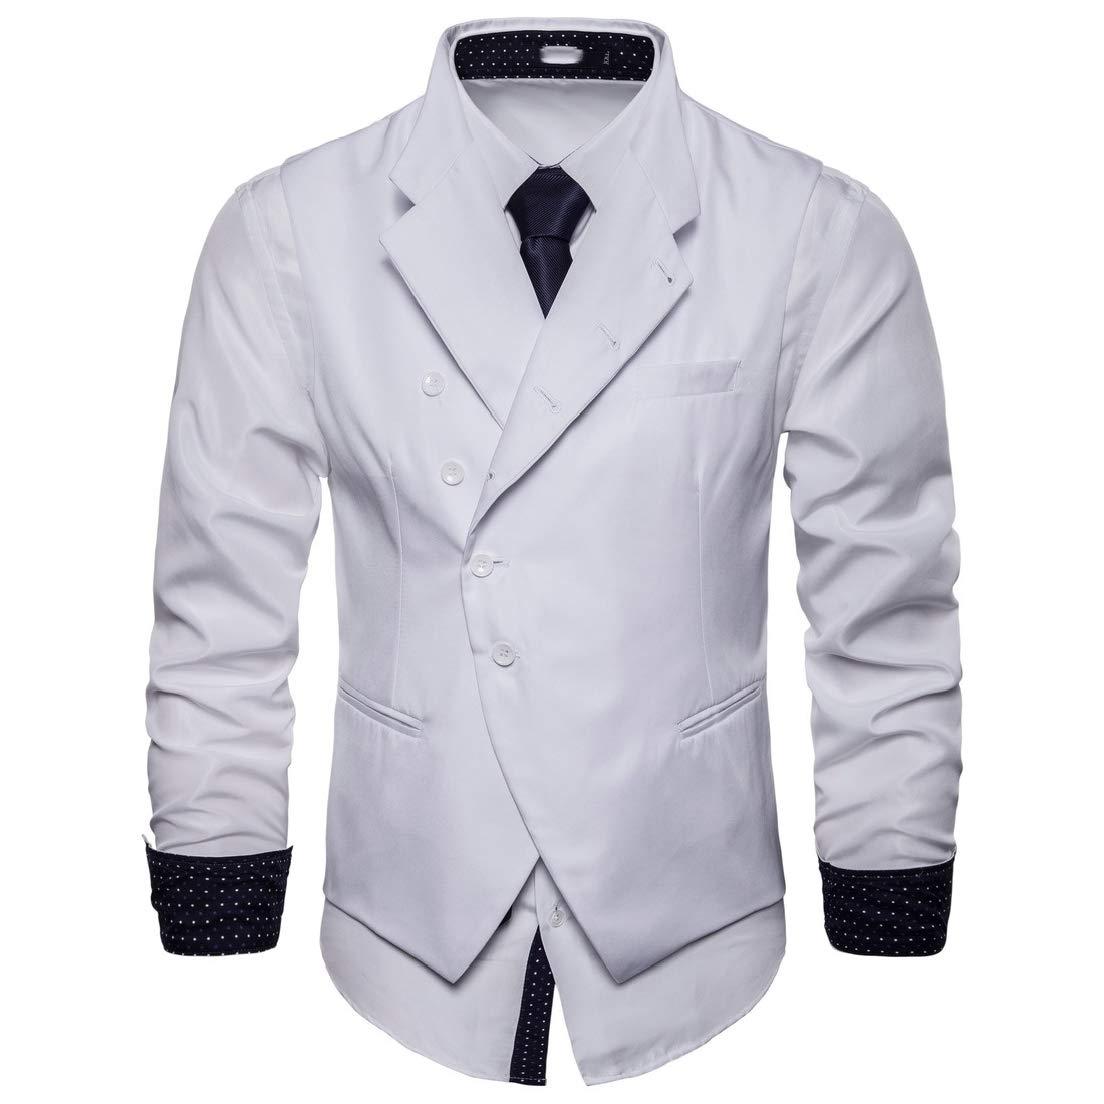 Vska Men Court Style Solid Colored Britain Plus Size Vest Jacket